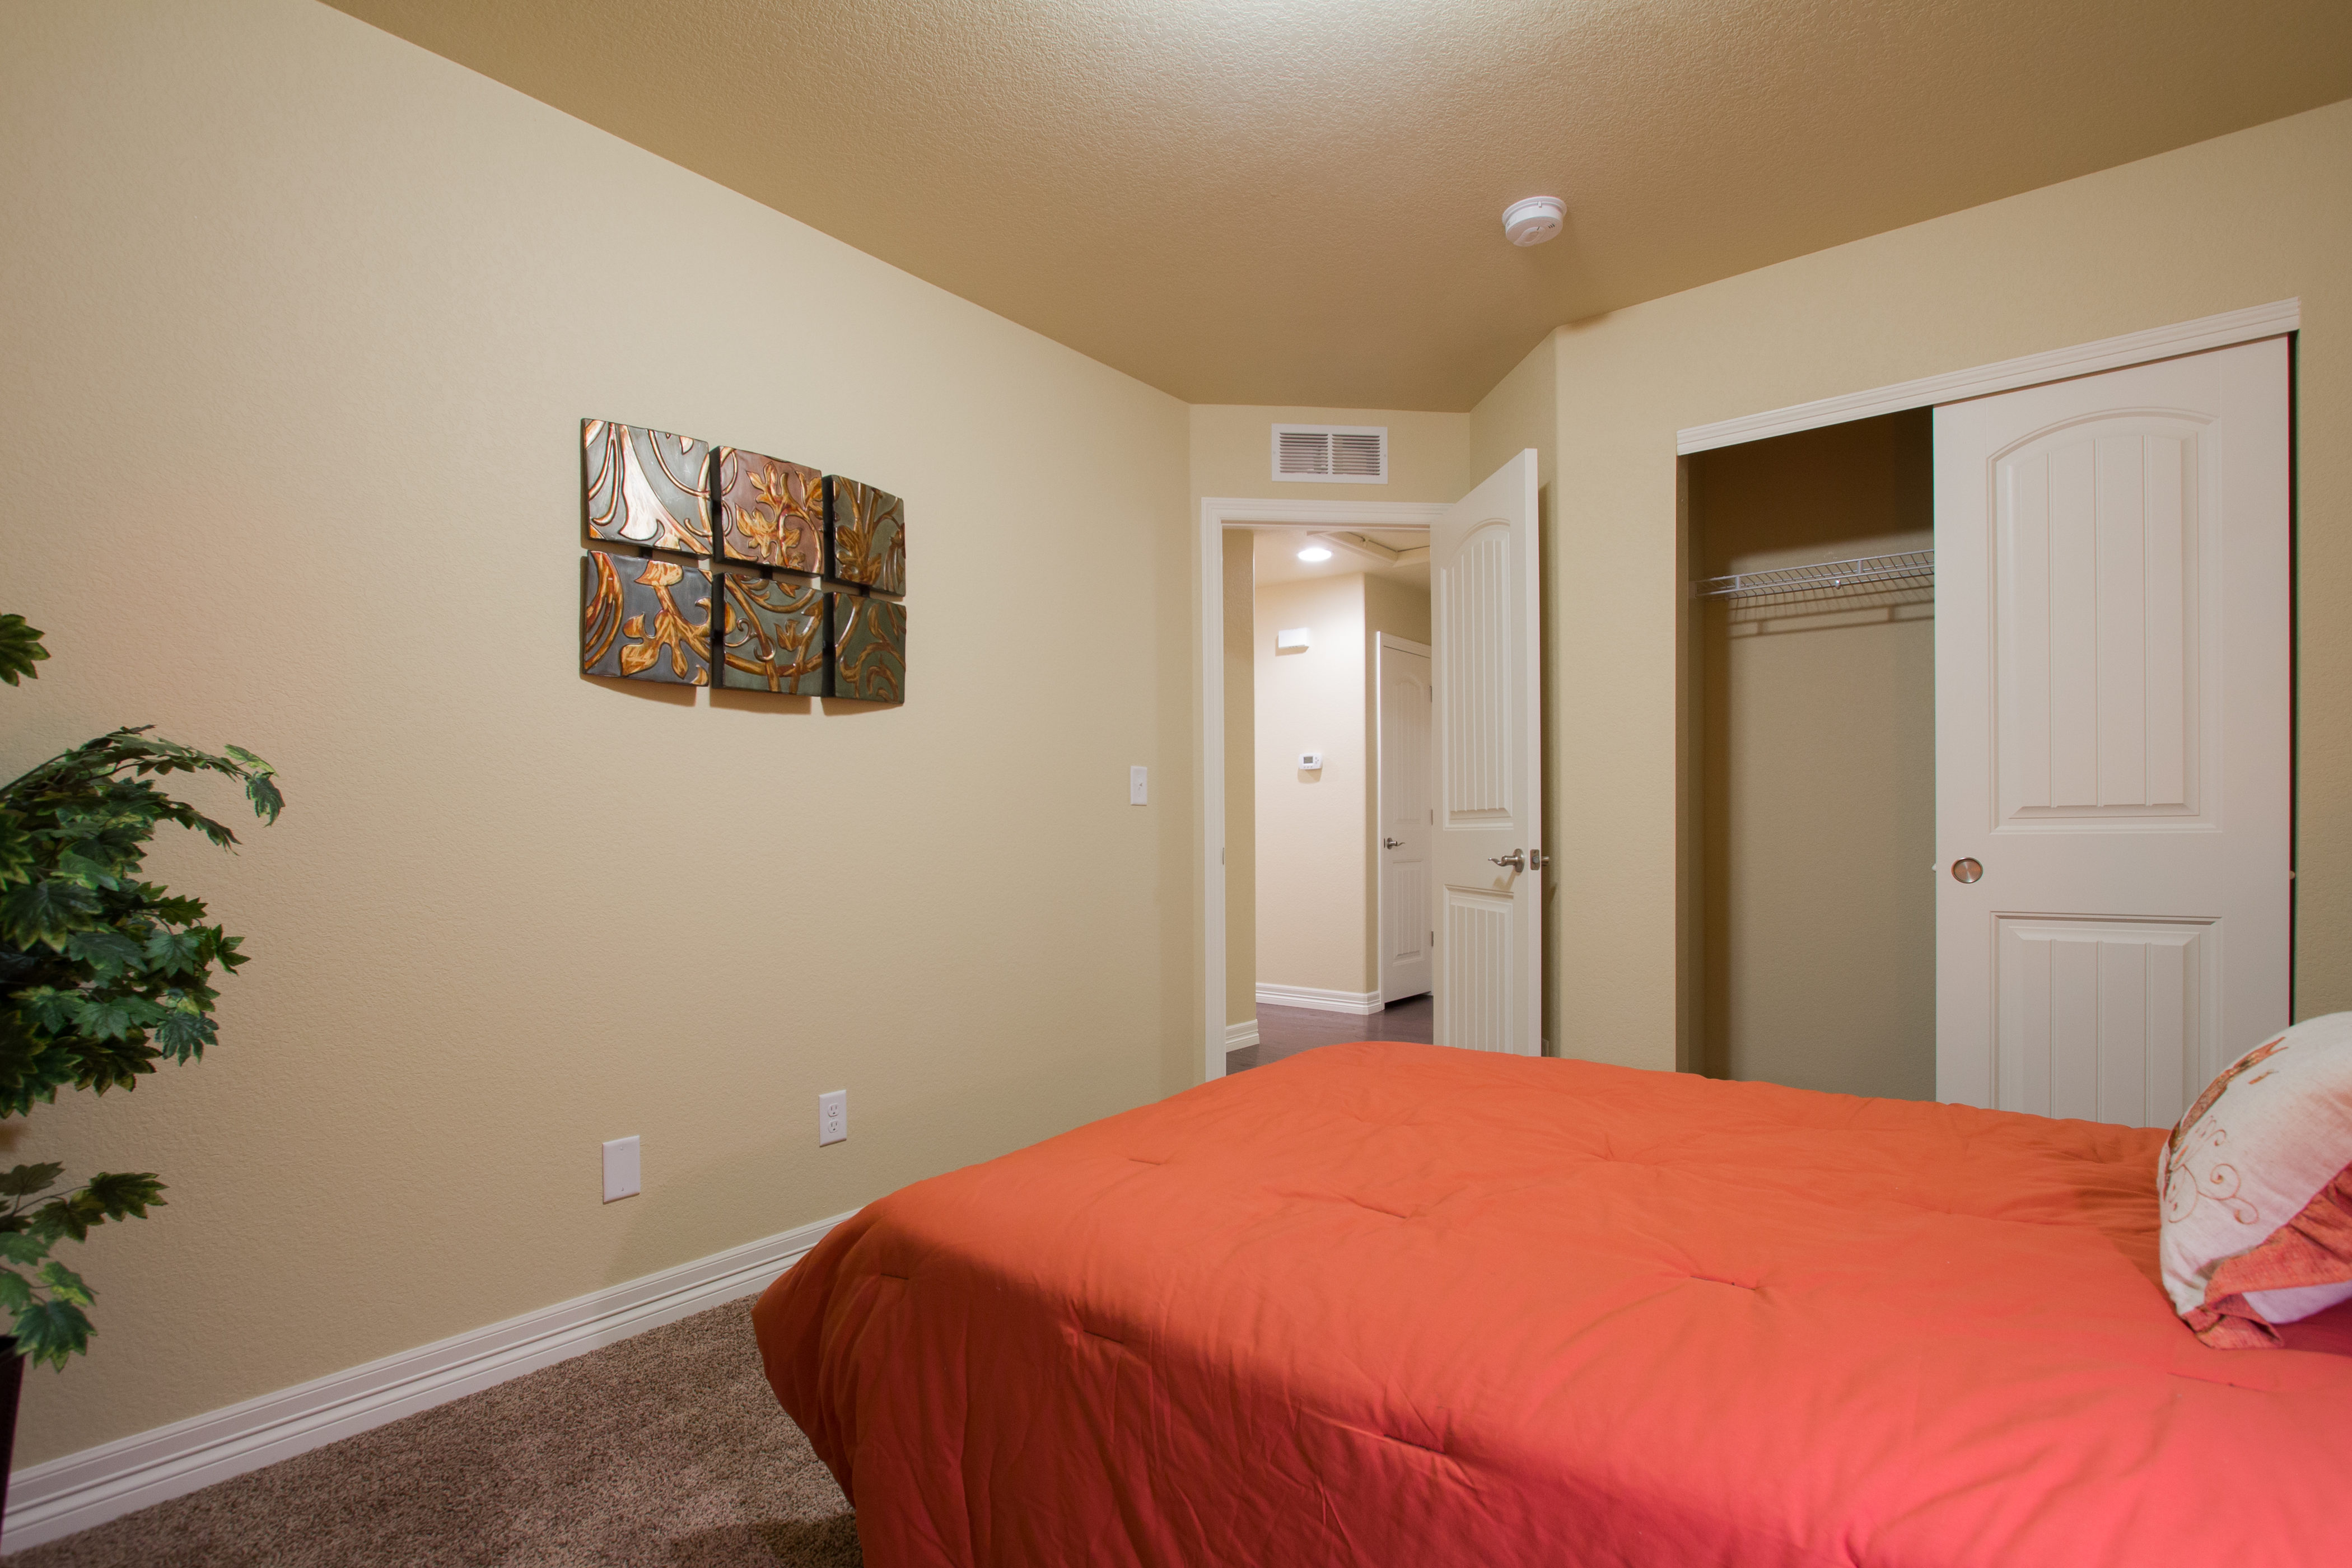 22-silverthorne-milliken-bedroom_3-new_home_builder